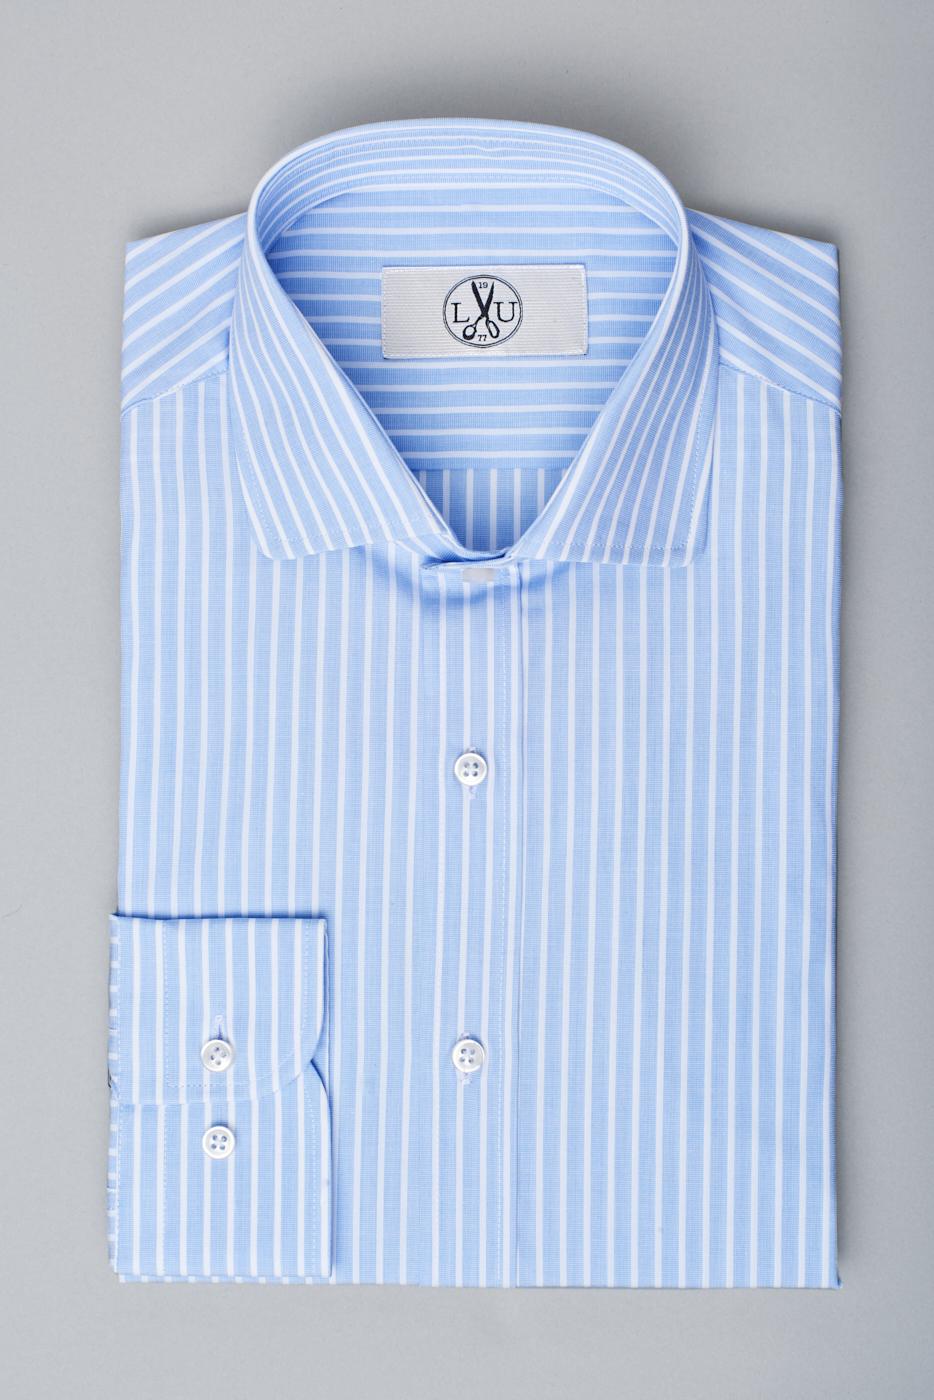 foto producto de camisa